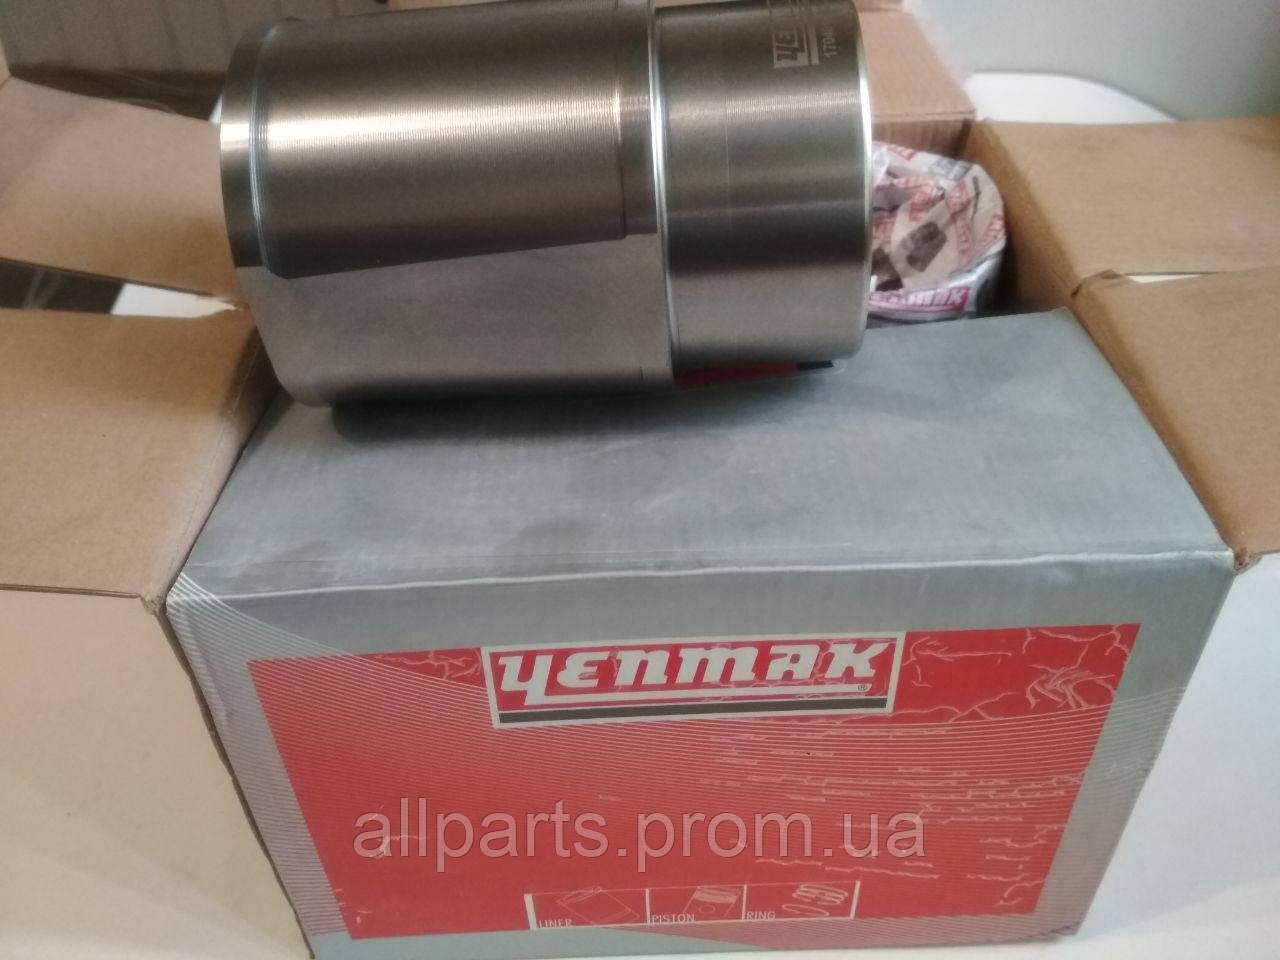 Yenmak поршни двигателя - страна производитель Турция